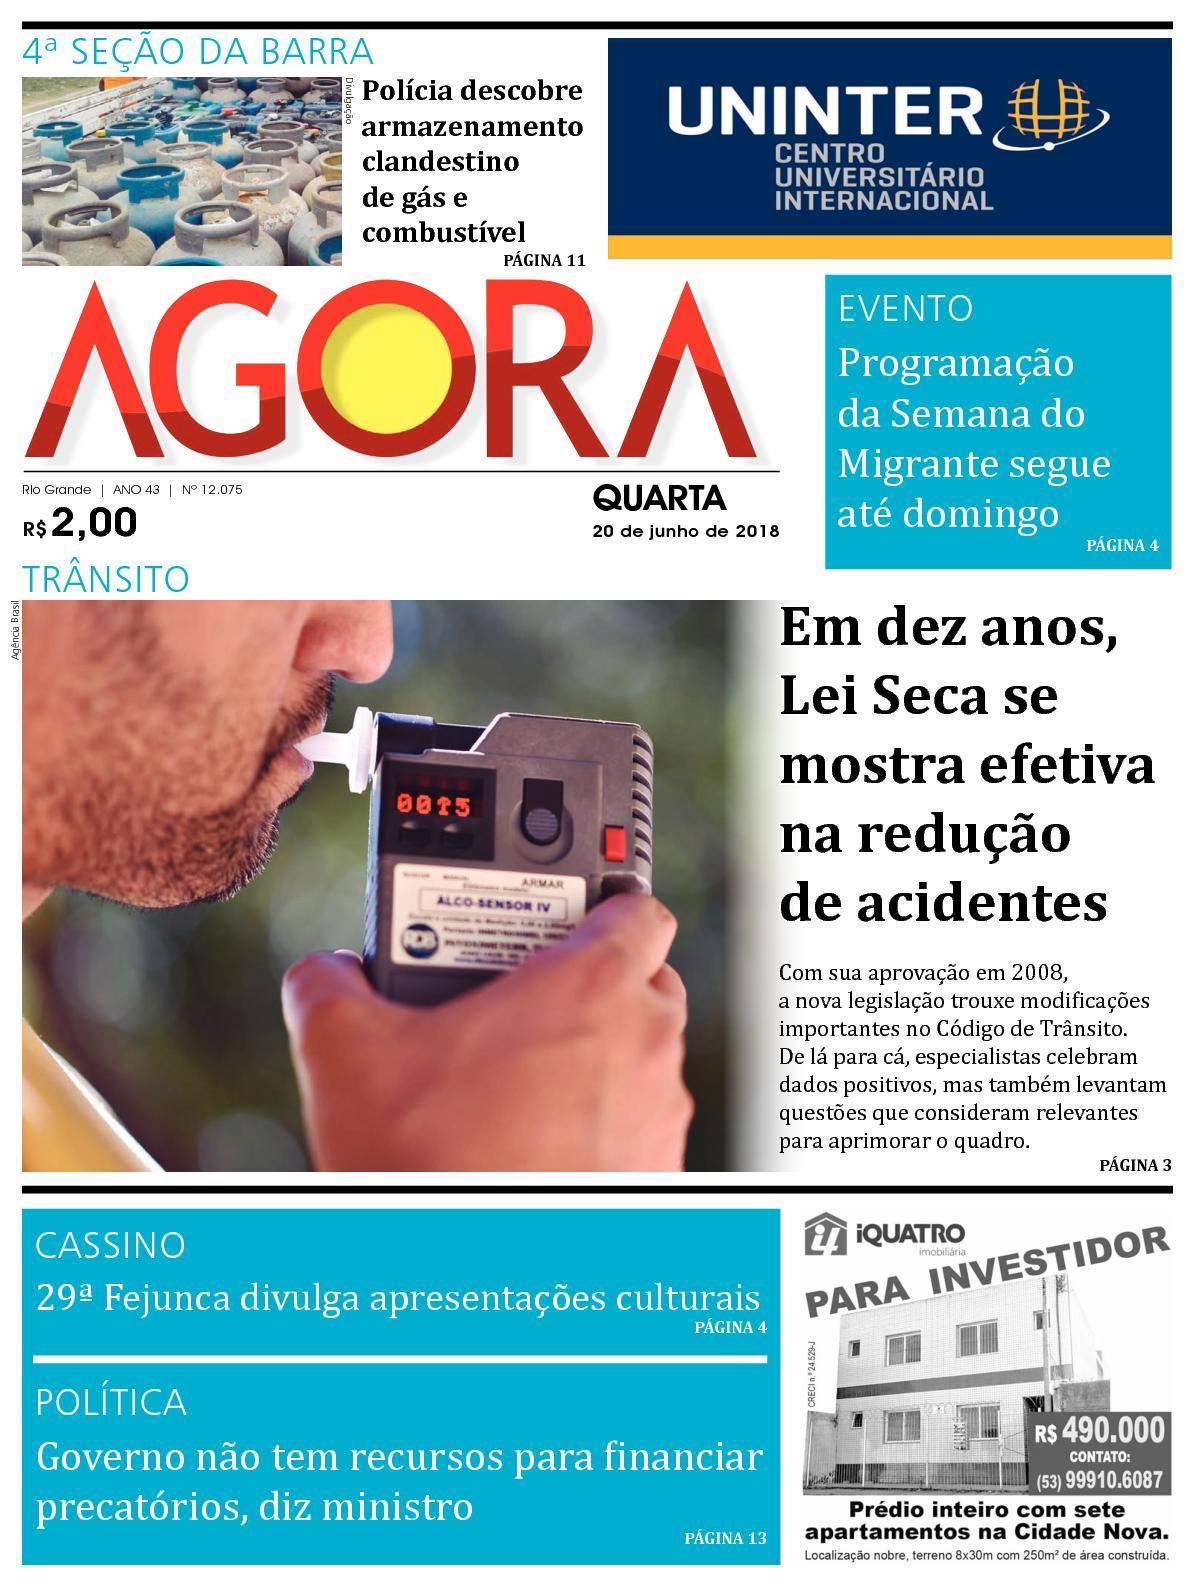 30fc3fa31 Calaméo - Jornal Agora - Edição 12075 - 20 de Junho de 2018